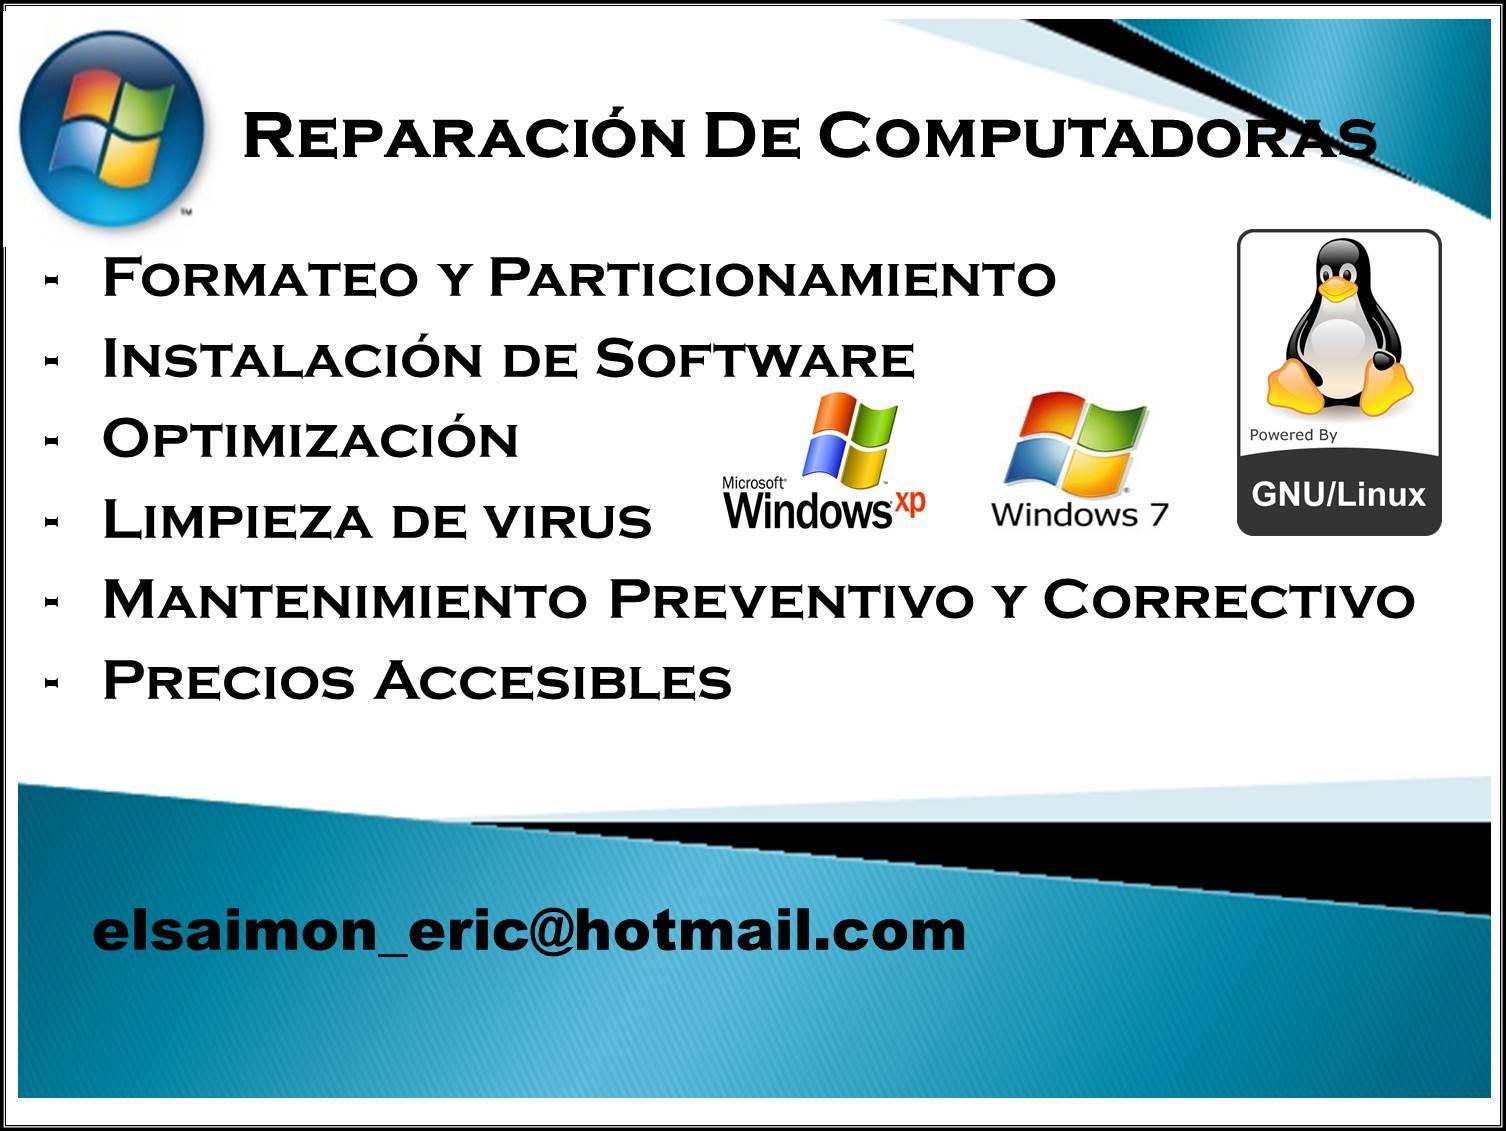 EPT Reparación De Computadoras: Reparación de Computadoras - photo#6